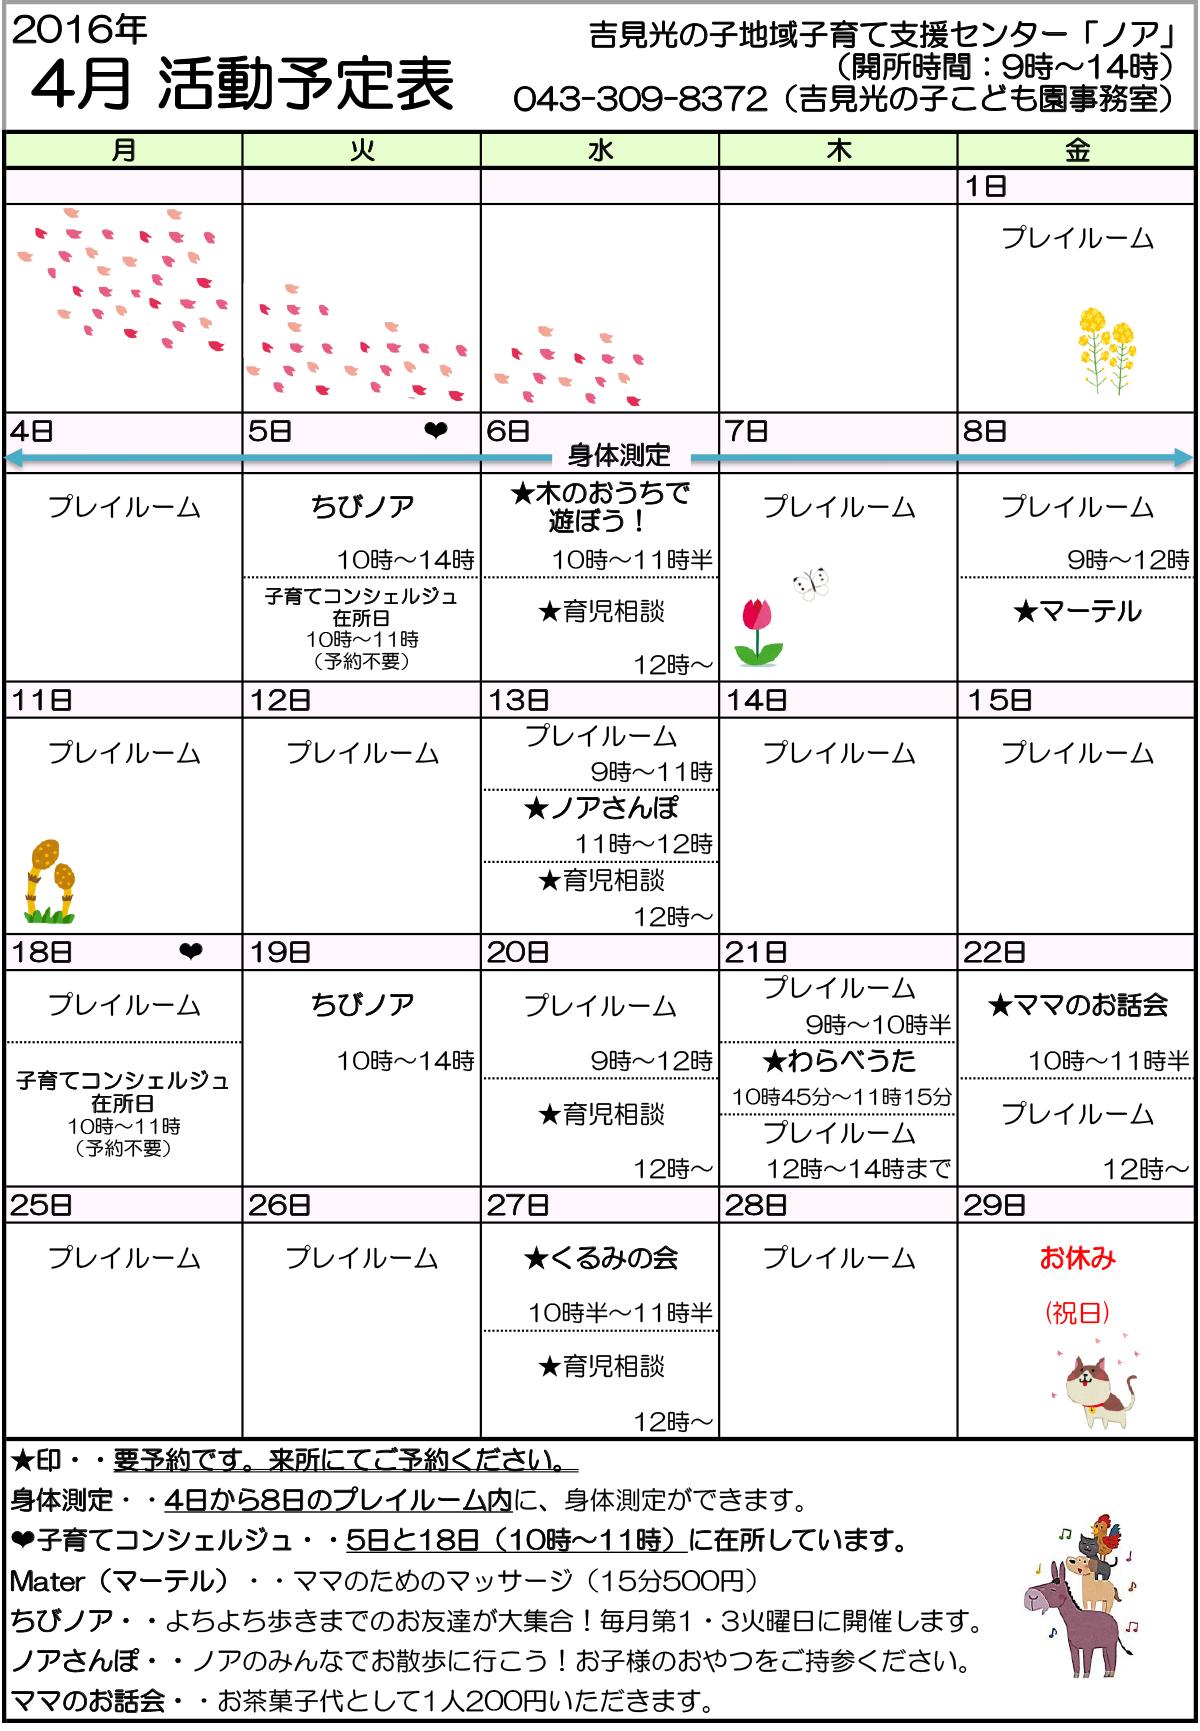 2016 4月ノア活動予定表